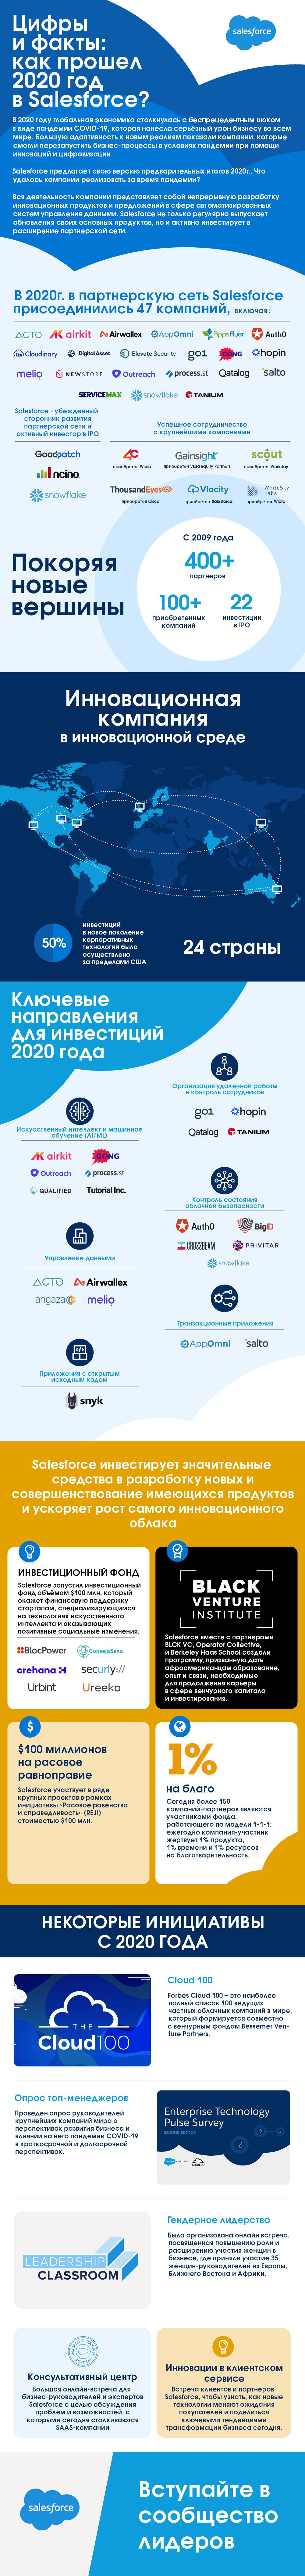 Цифры и факты: как прошел 2020 год в Salesforce?